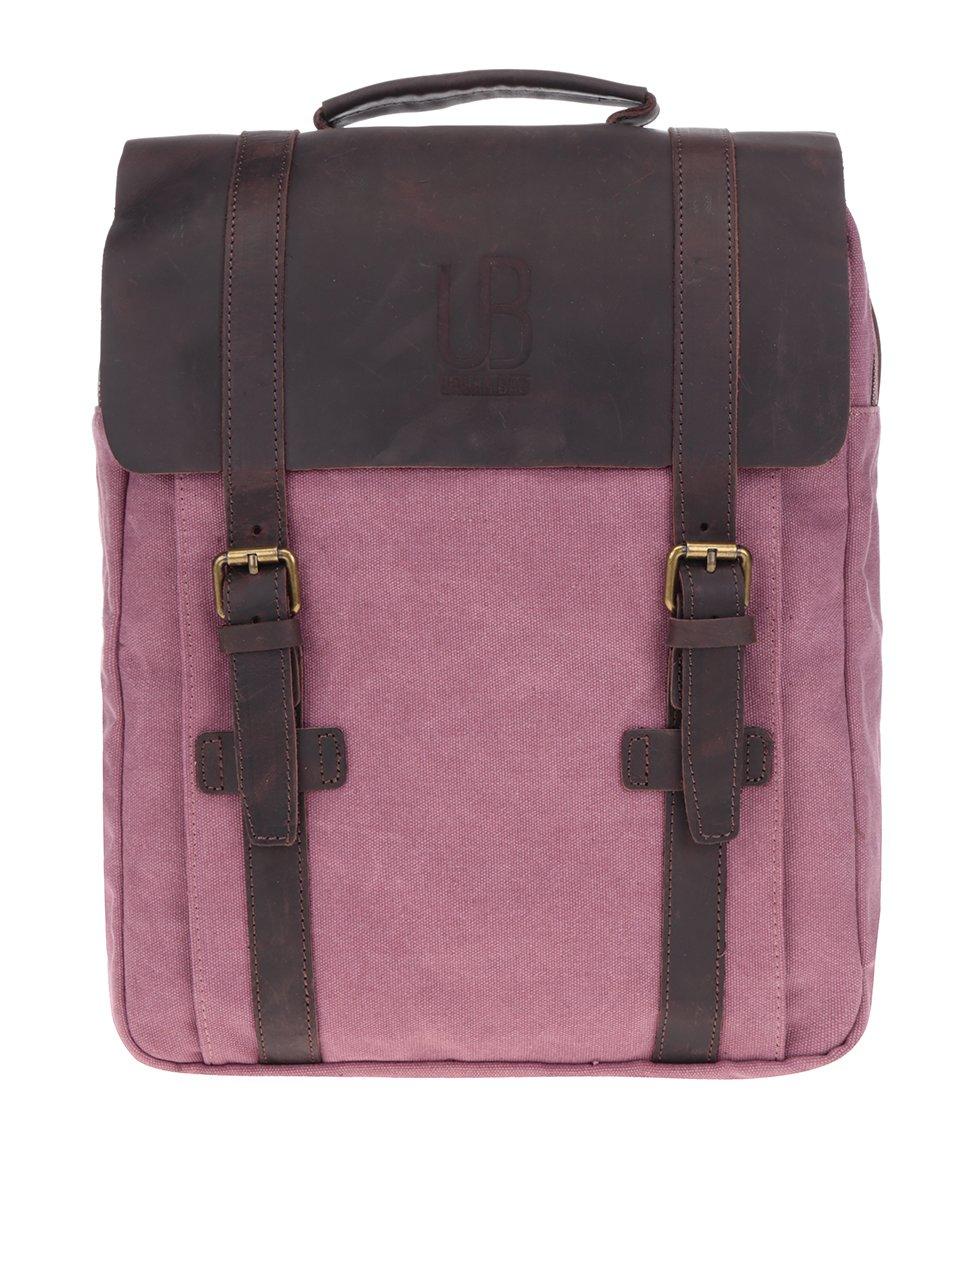 Růžový unisex batoh Urban Bag